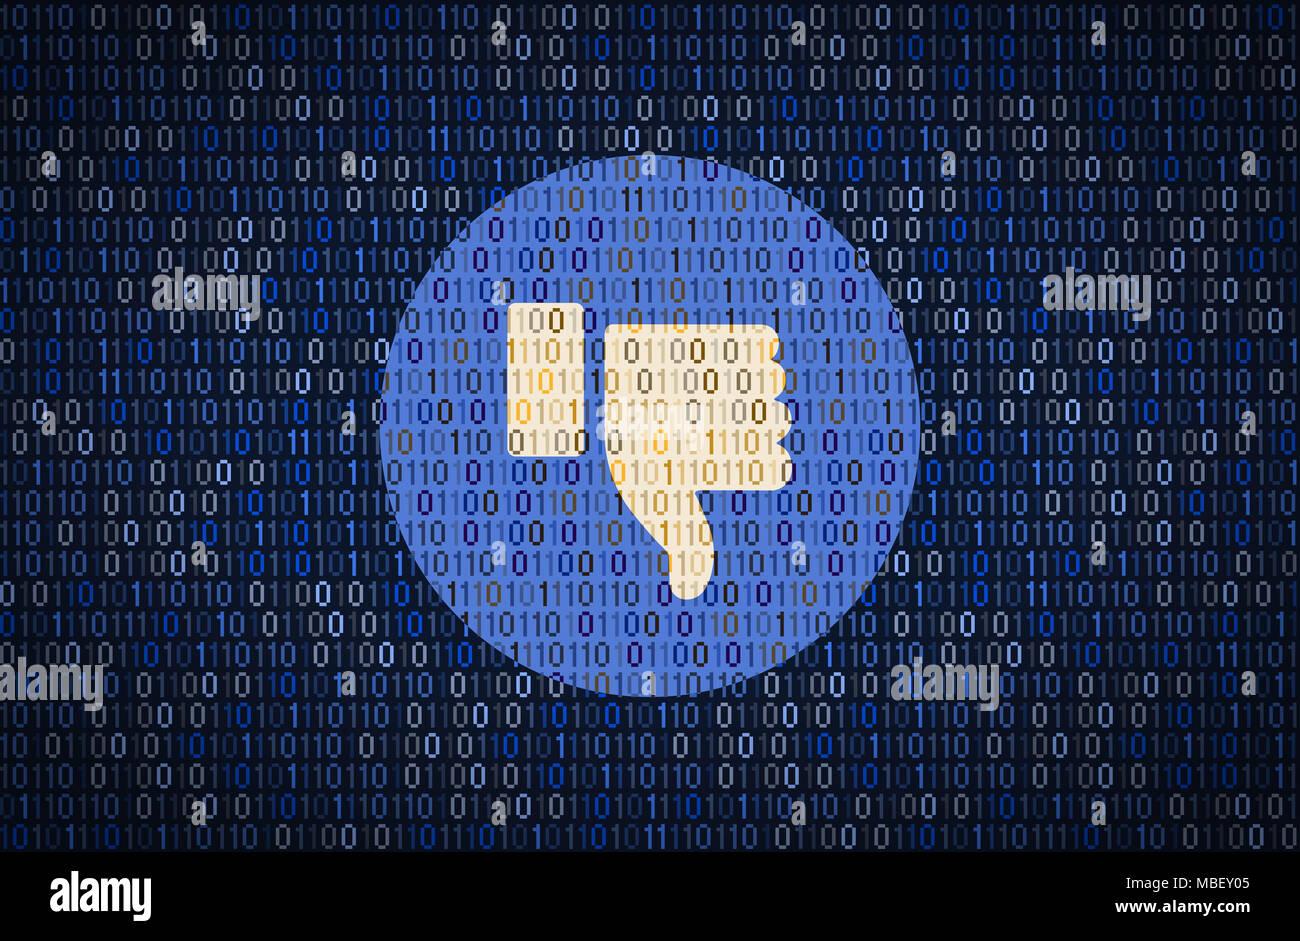 GALATI, Romania - 10 Aprile 2018: Facebook pollice verso i problemi di sicurezza e privacy. Dati concetto di crittografia Immagini Stock